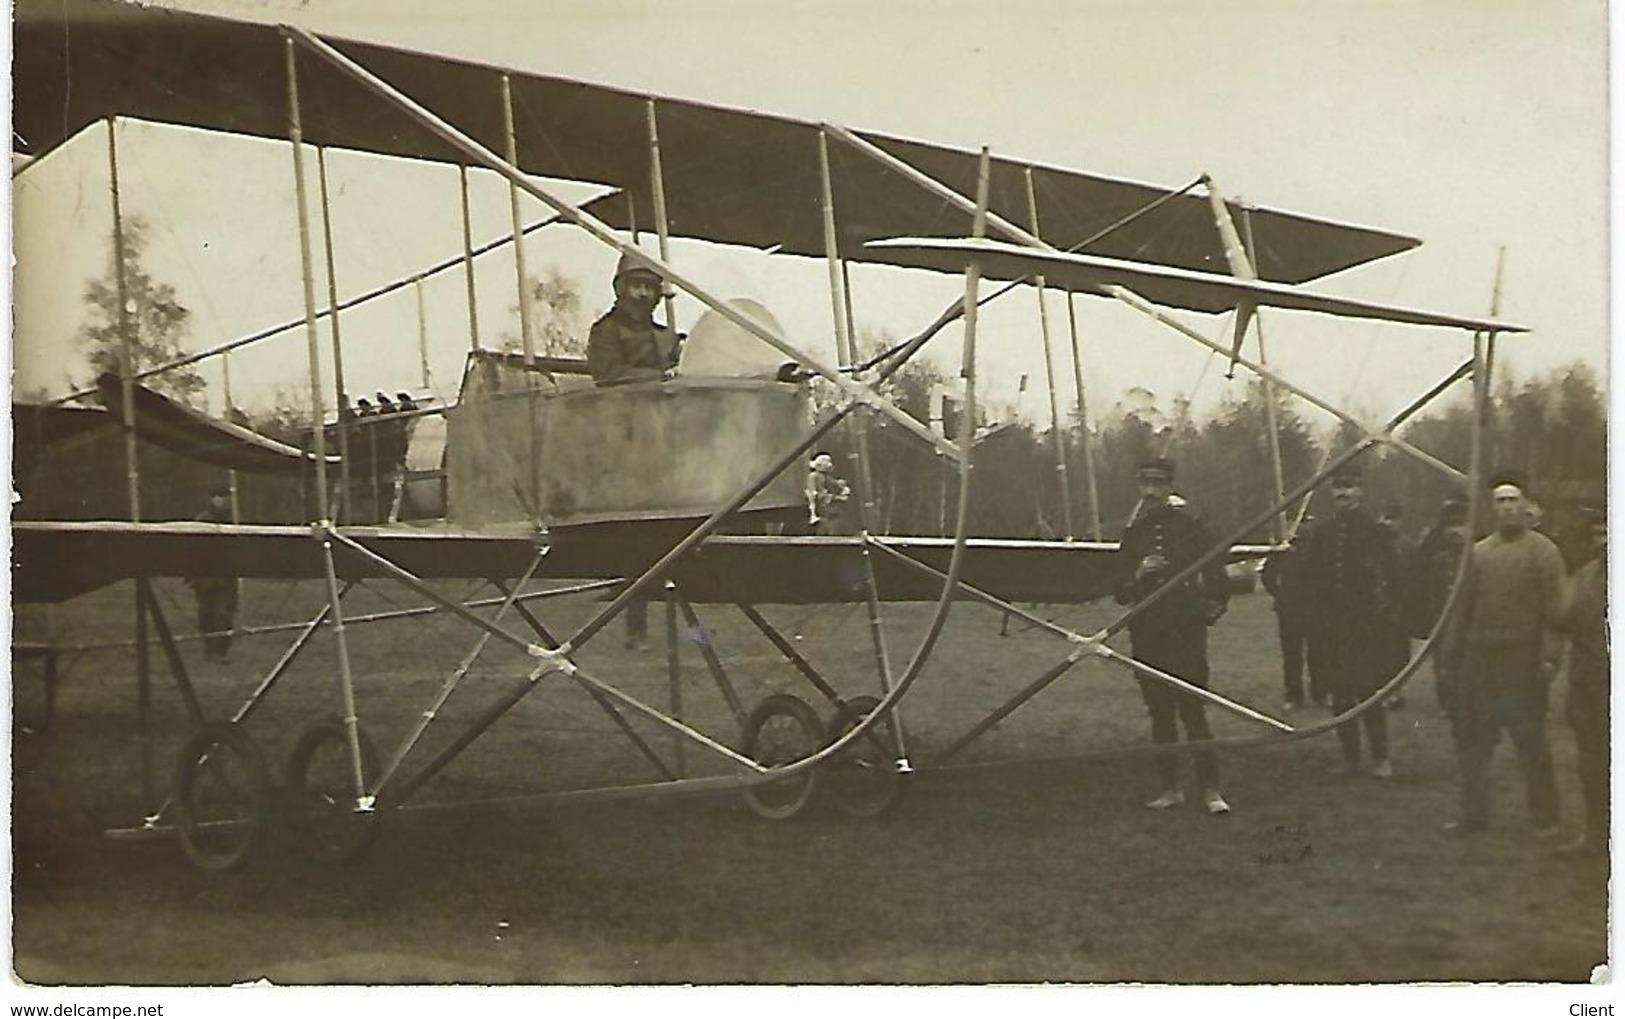 FRANCE - CARTE TRES TRES RARE - Carte Photo Envoyée Par Le Capitaine MARLIN RENE VIVANT Qui Se Trouve Dans L'avion 1912 - Guerre 1914-18